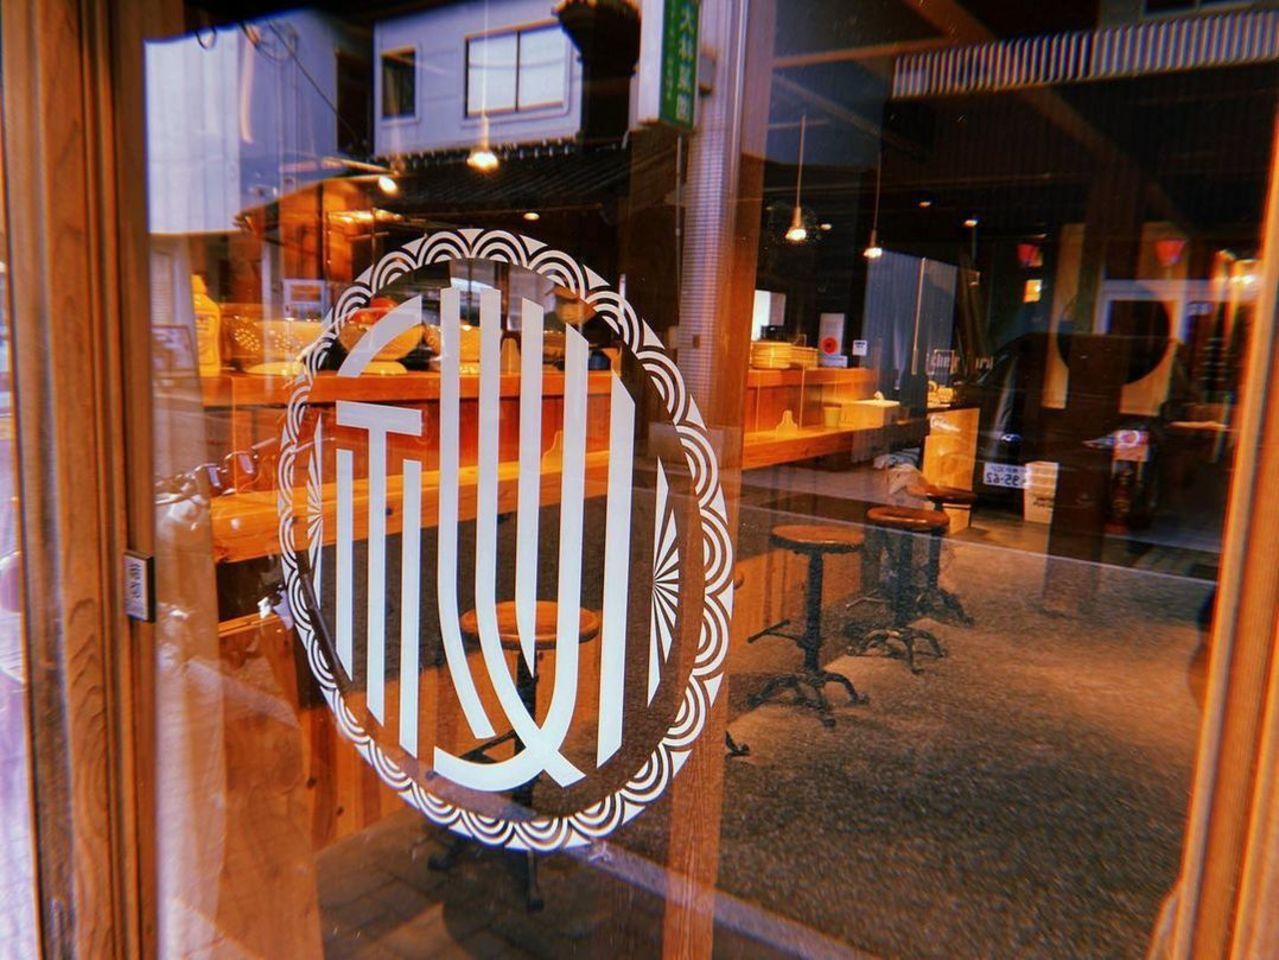 グルメバーガーとセレクトショップ。。。兵庫県丹波篠山市二階町に『オフ ザ レコード』4/5オープン